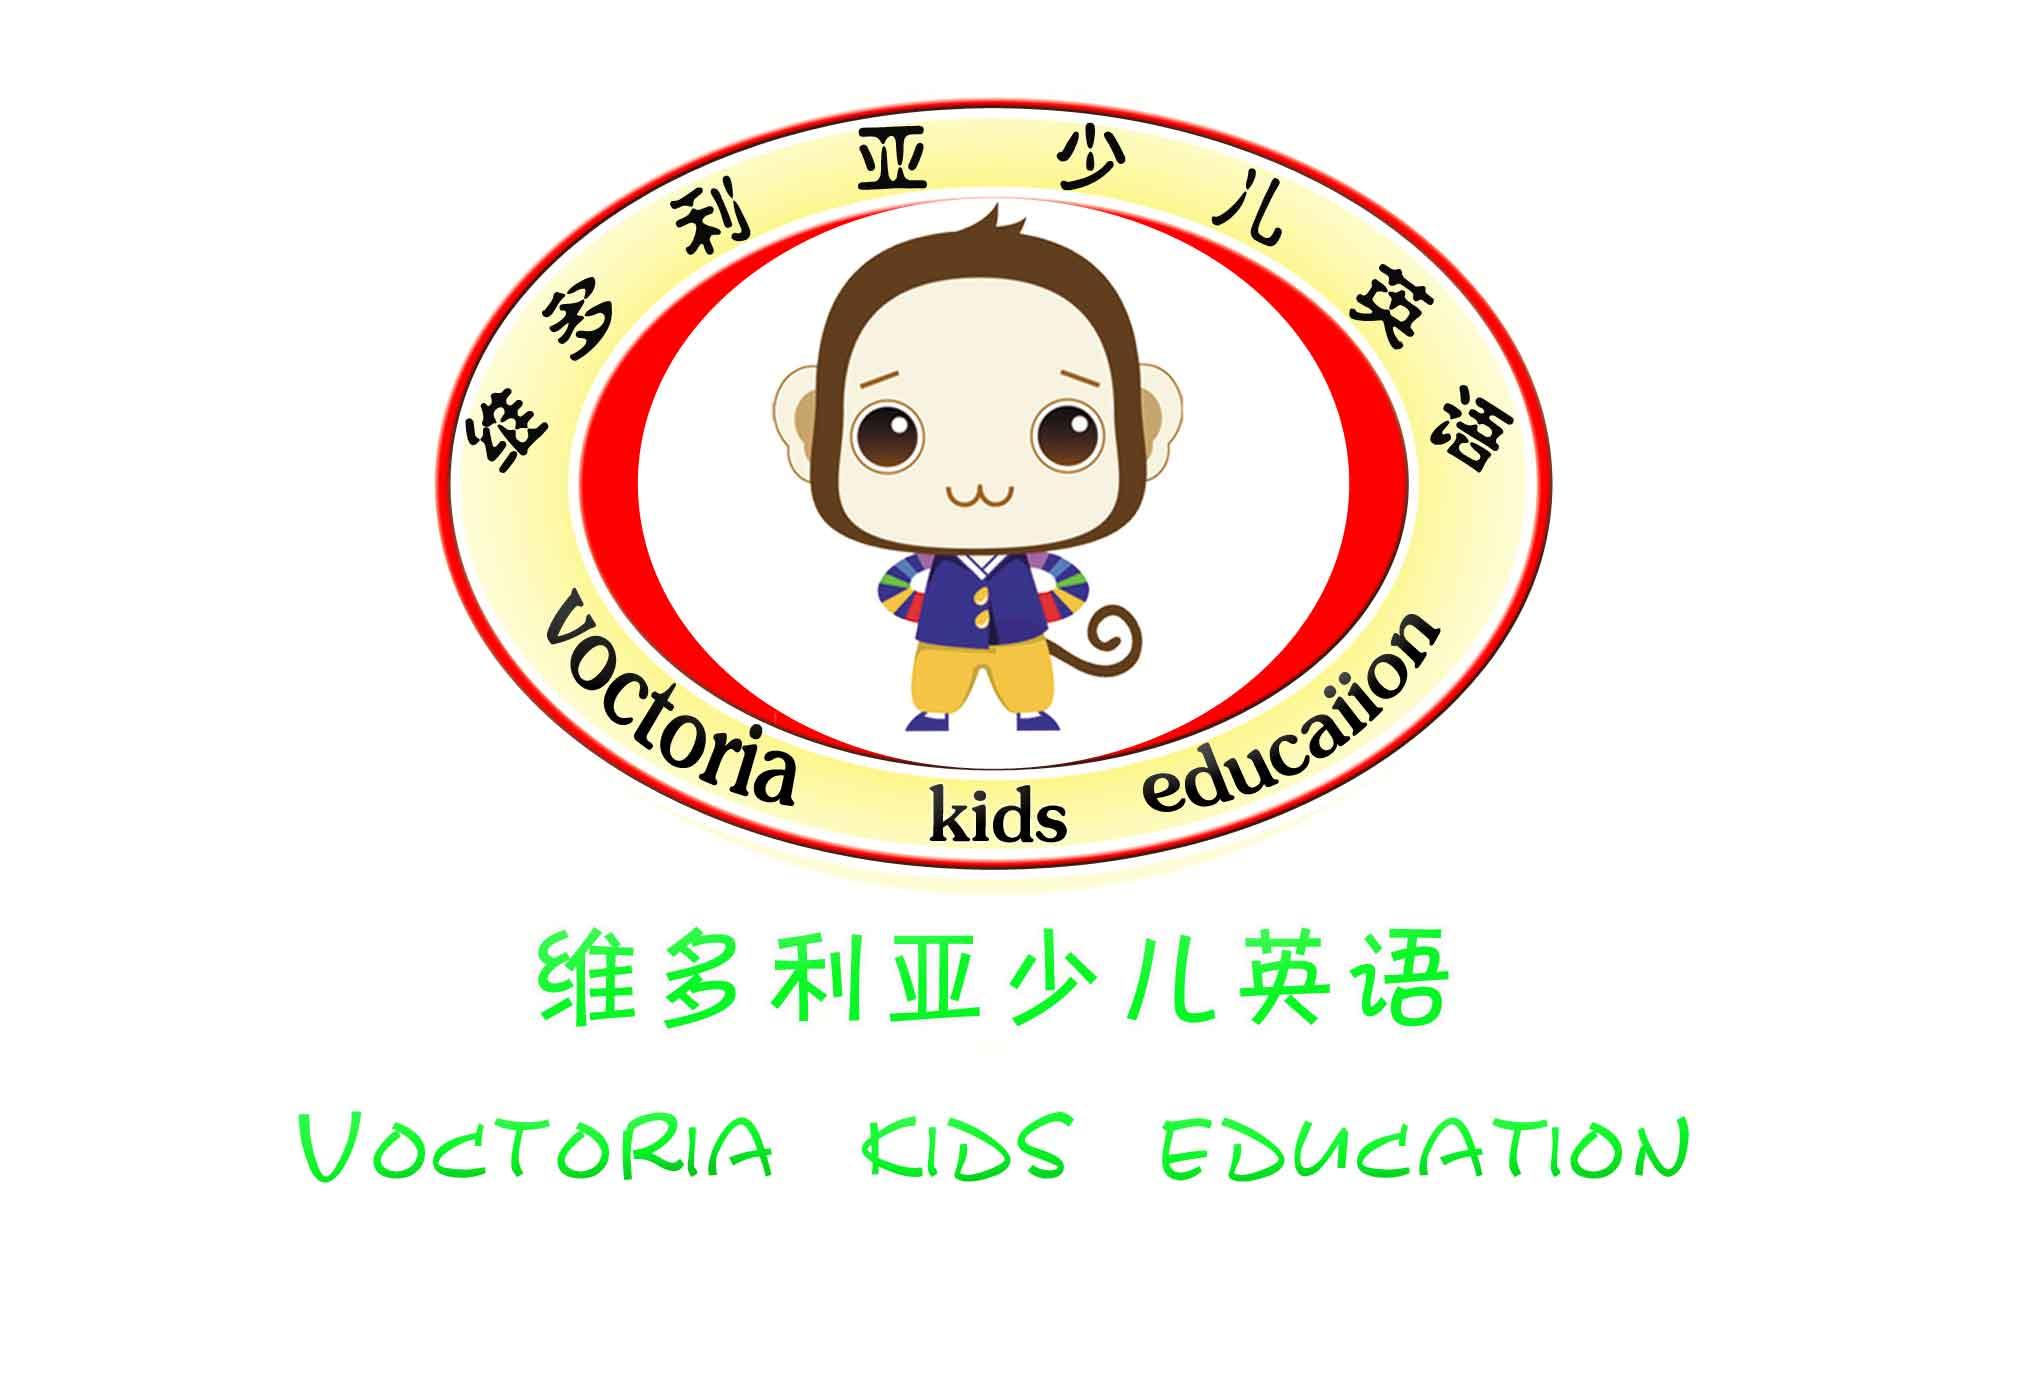 儿童英语培训学校logo及宣传彩页设计